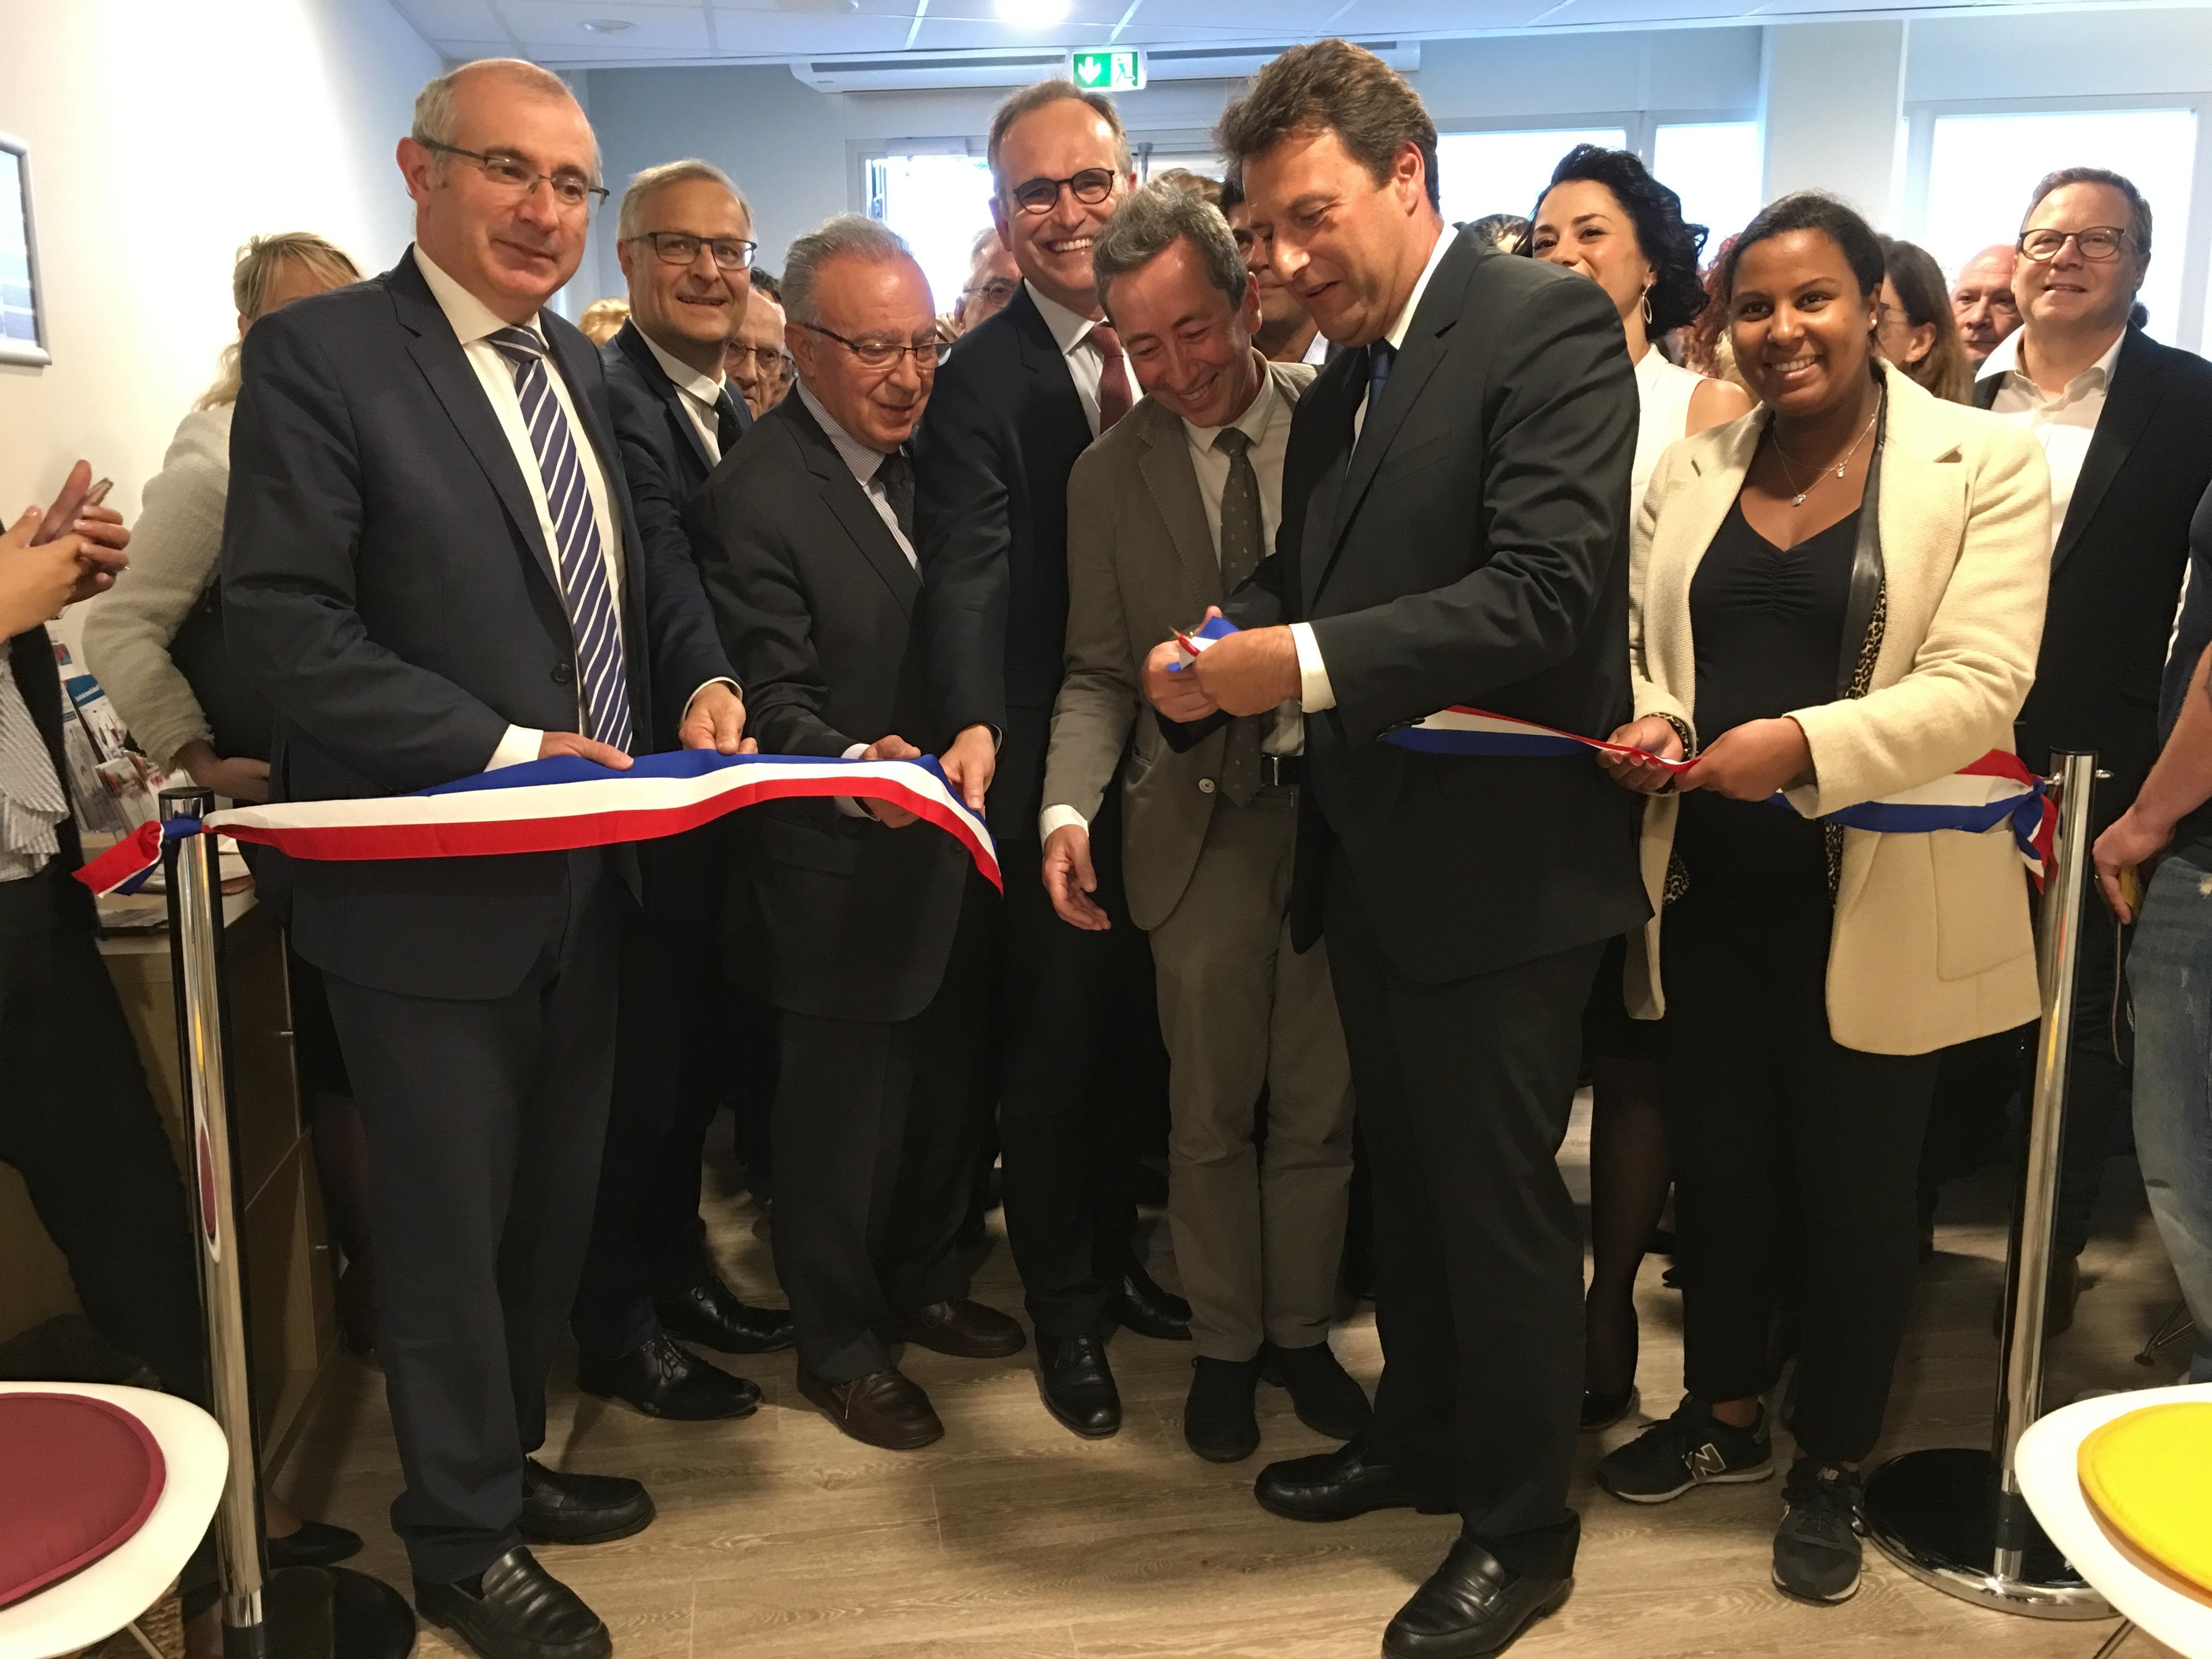 Inauguration de la maison de santé pluriprofessionnelle universitaire